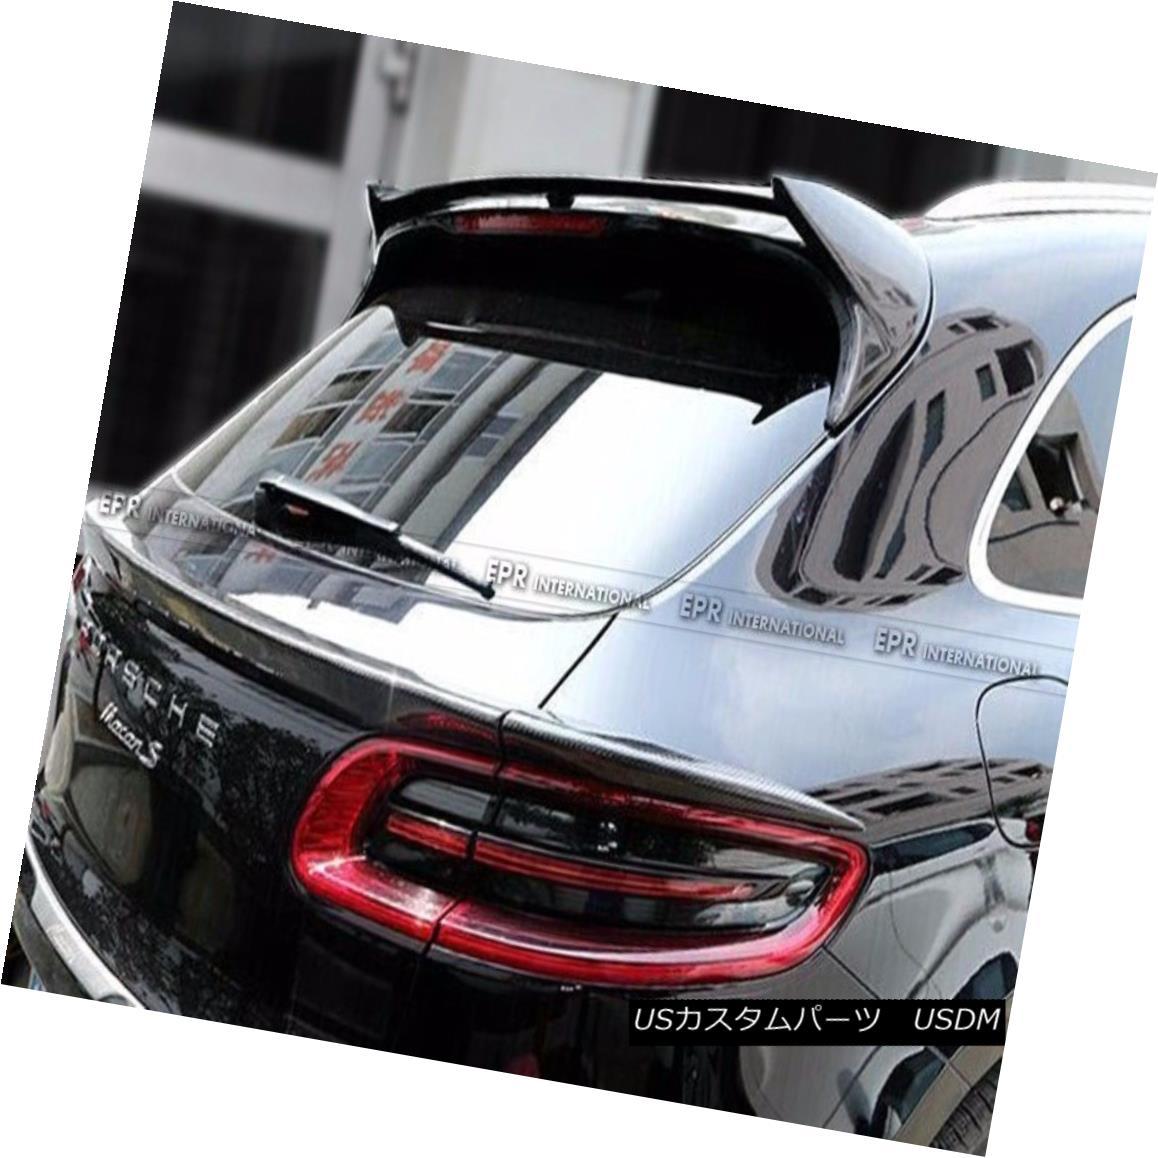 エアロパーツ Carbon Fiber Rear Roof Spoiler For Porsche Macan Window Top Wing Lip Kit ポルシェマカン用カーボンファイバーリアルーフスポイラーウインドリップキット